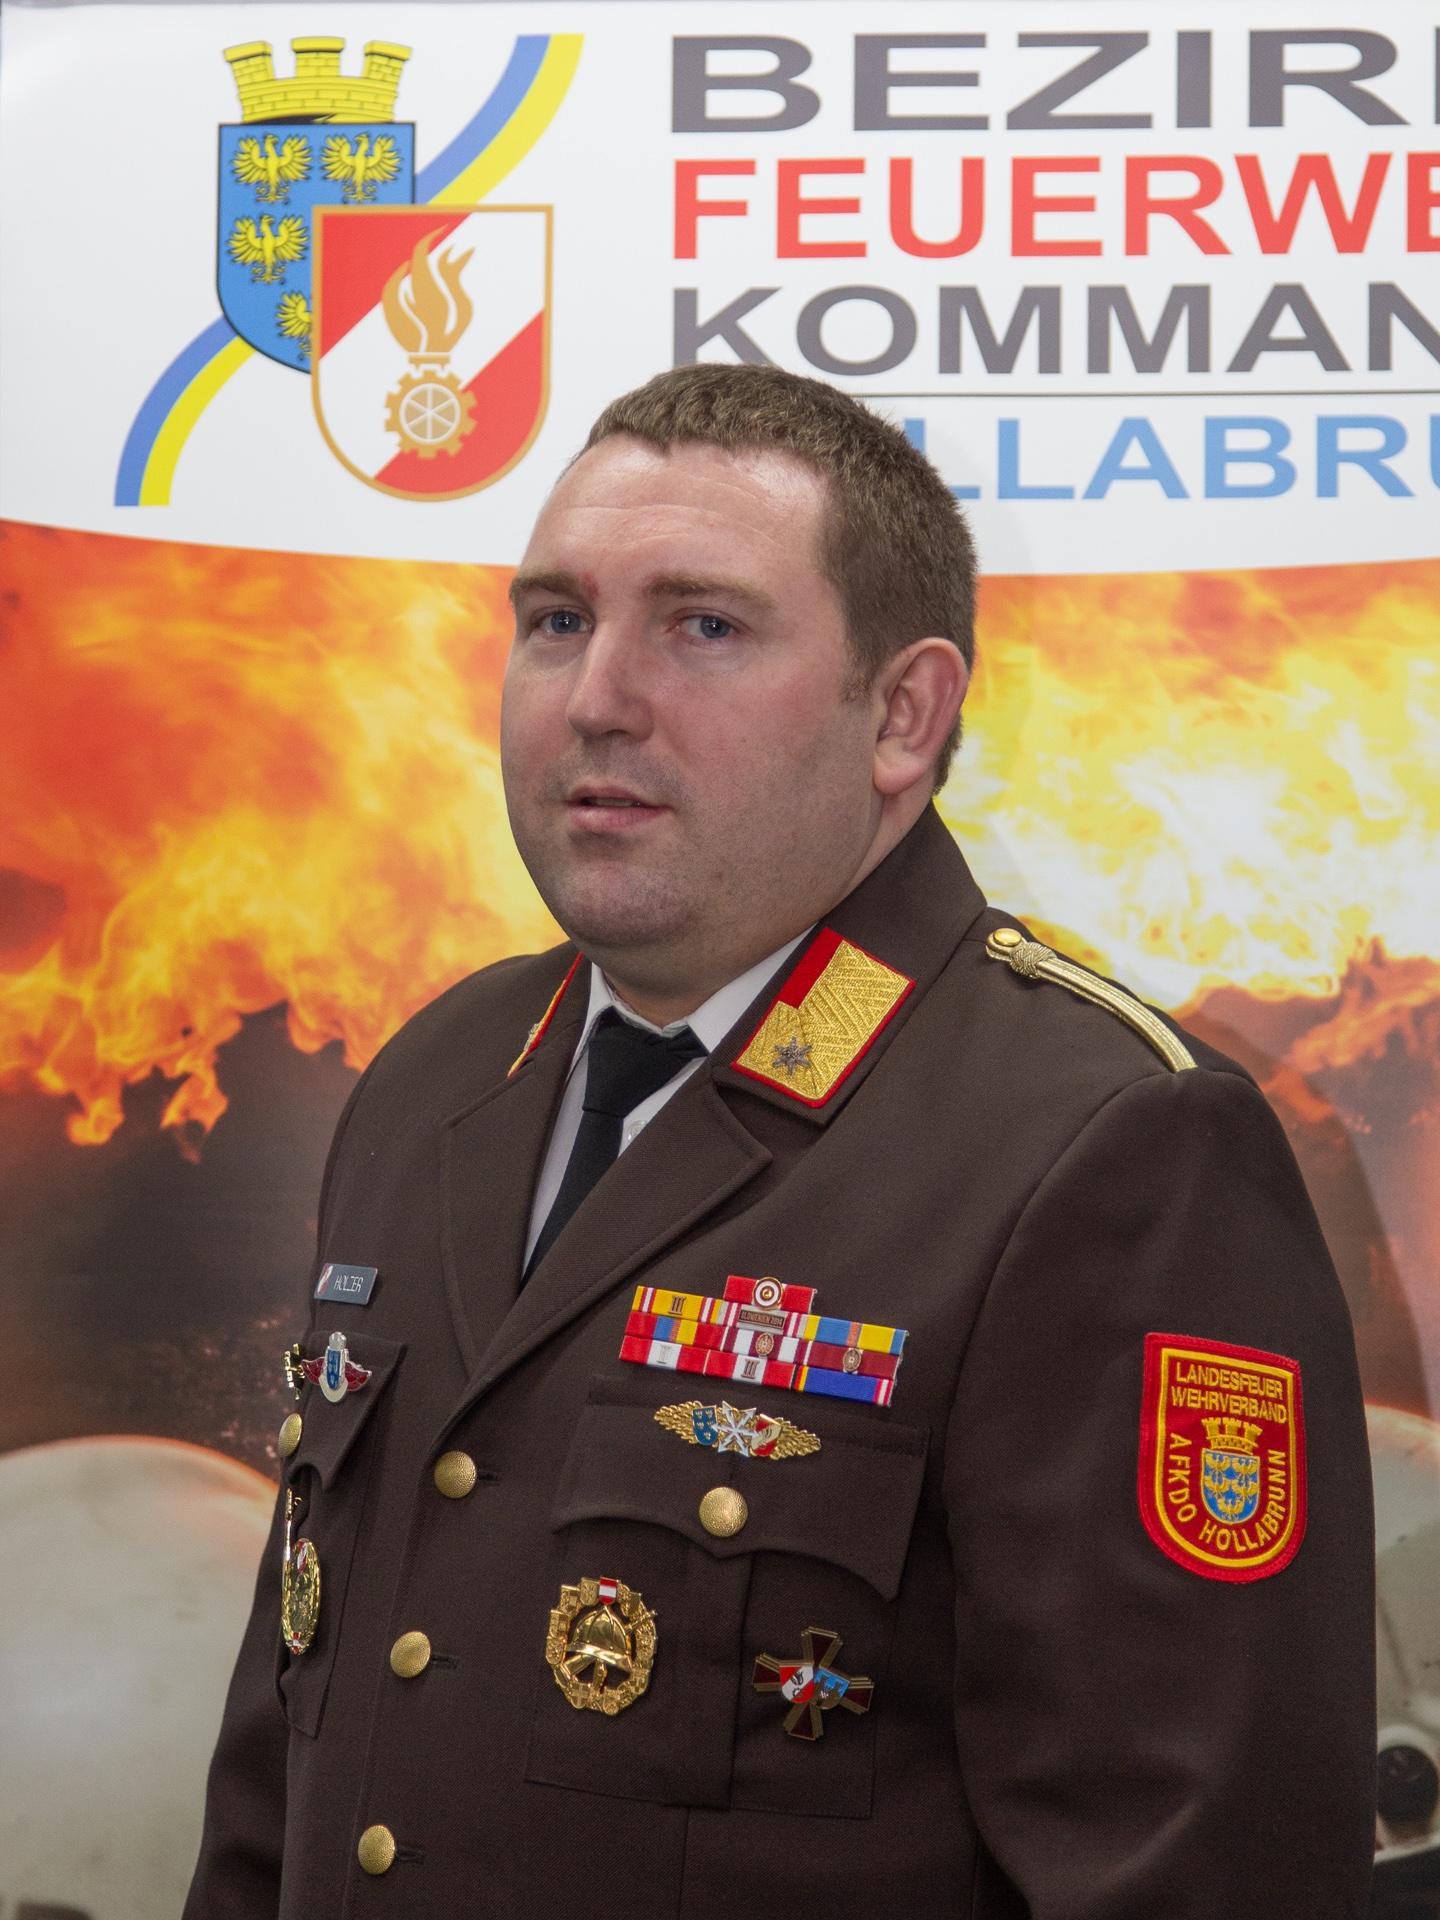 ChristianHolzerjpg